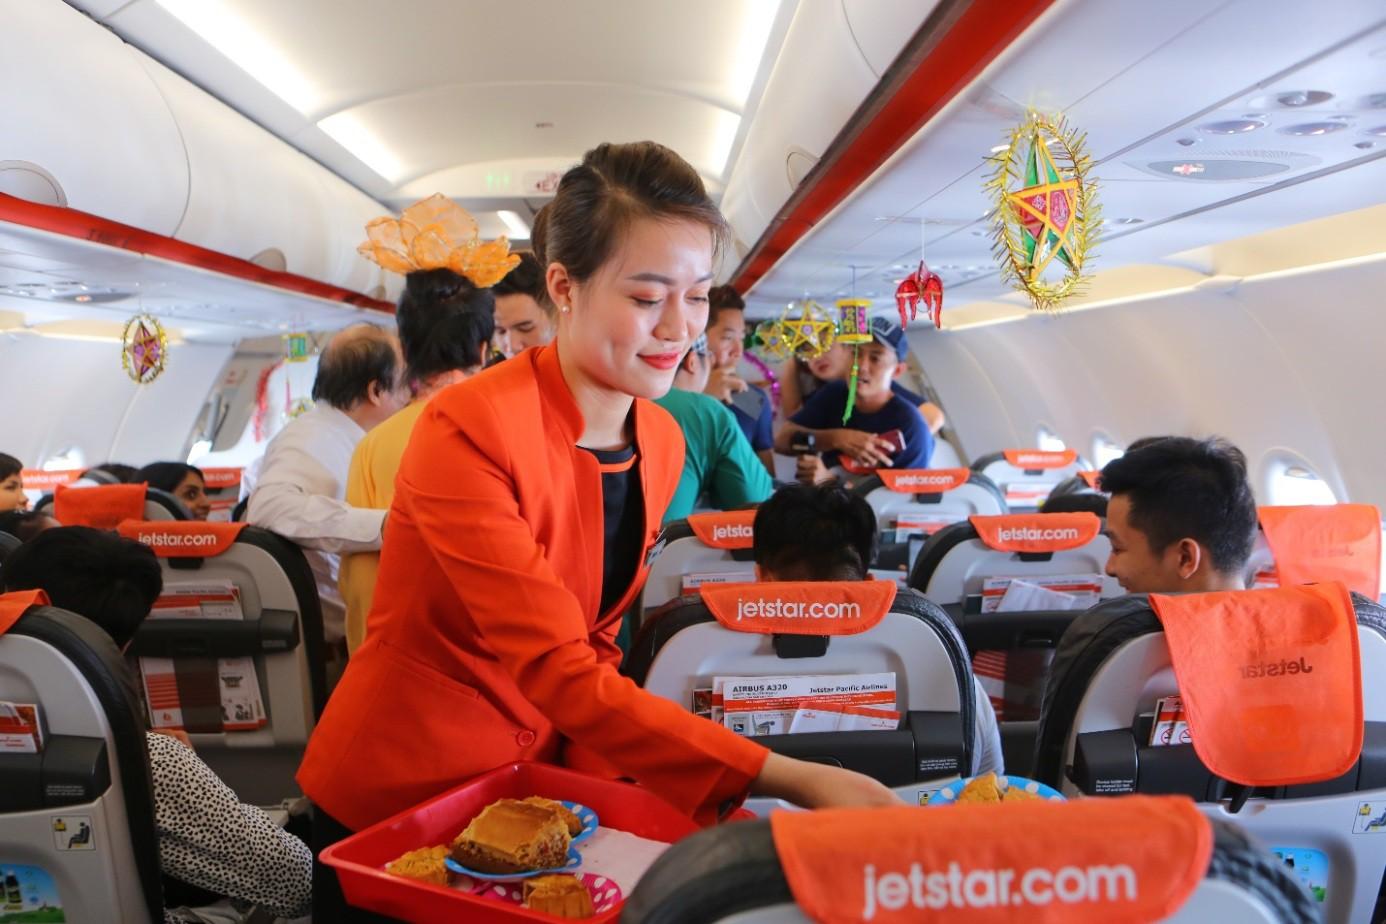 Bắt gặp Bà Tân Vlog mang bánh Trung thu siêu to khổng lồ lên máy bay - Ảnh 3.